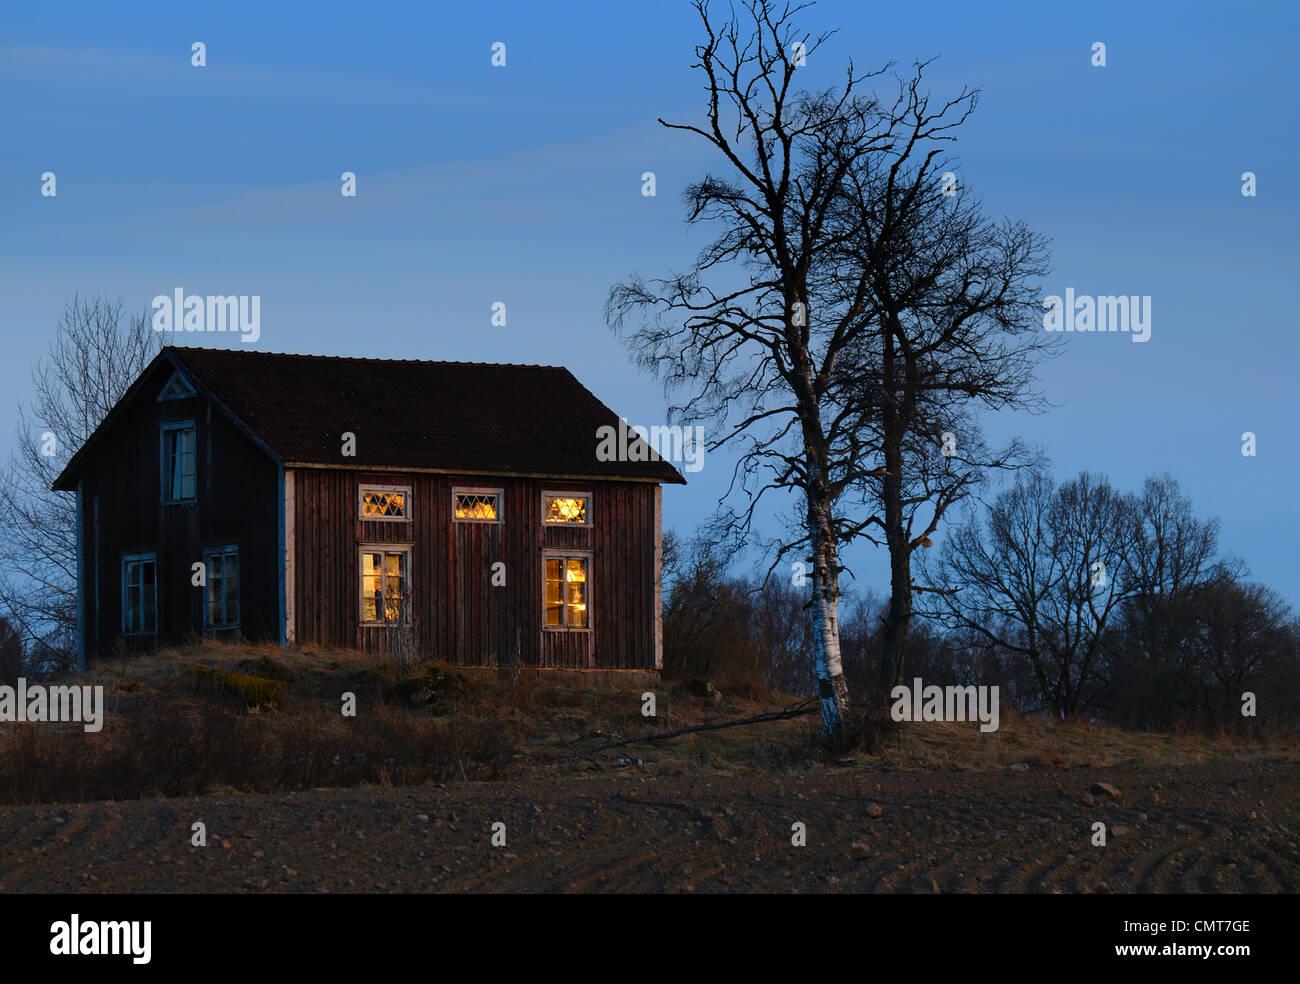 Extérieur de maison avec la lumière dans les fenêtres Photo Stock